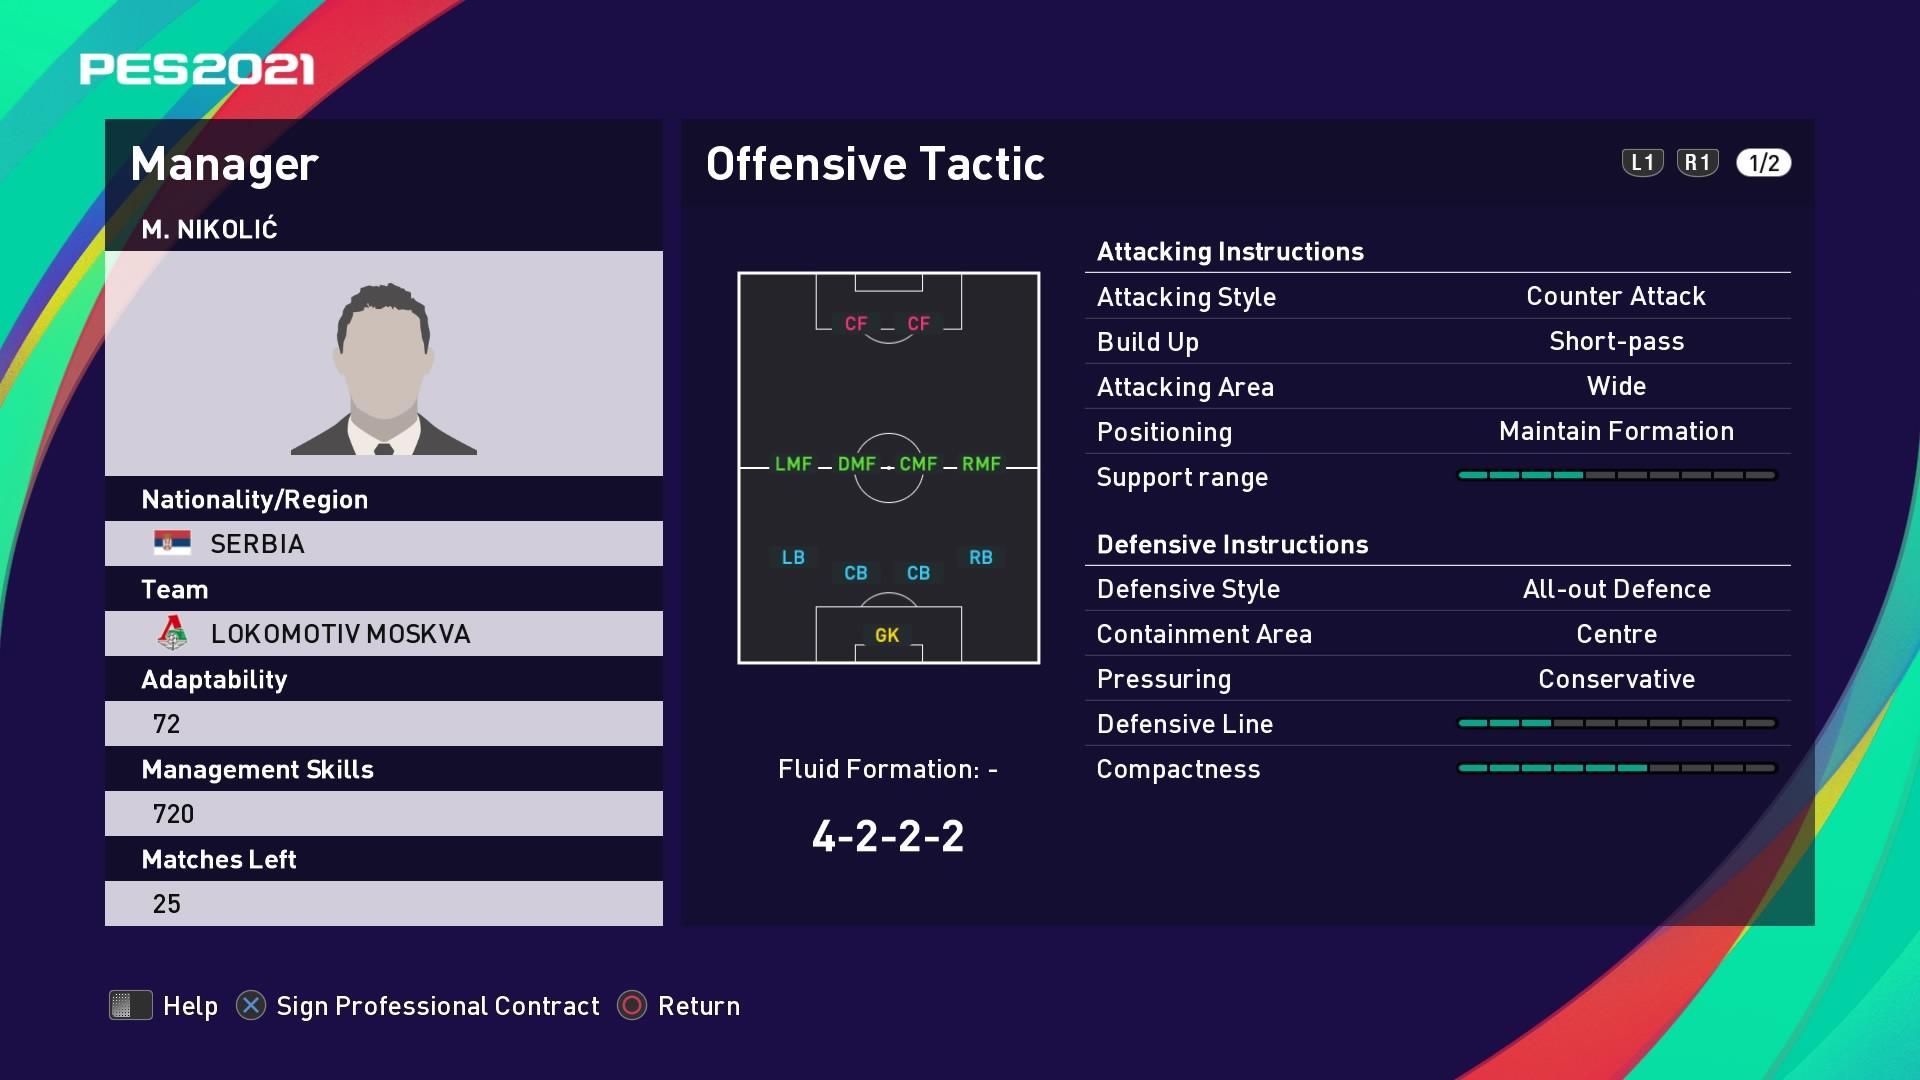 M. Nikolić (Marko Nikolić) Offensive Tactic in PES 2021 myClub